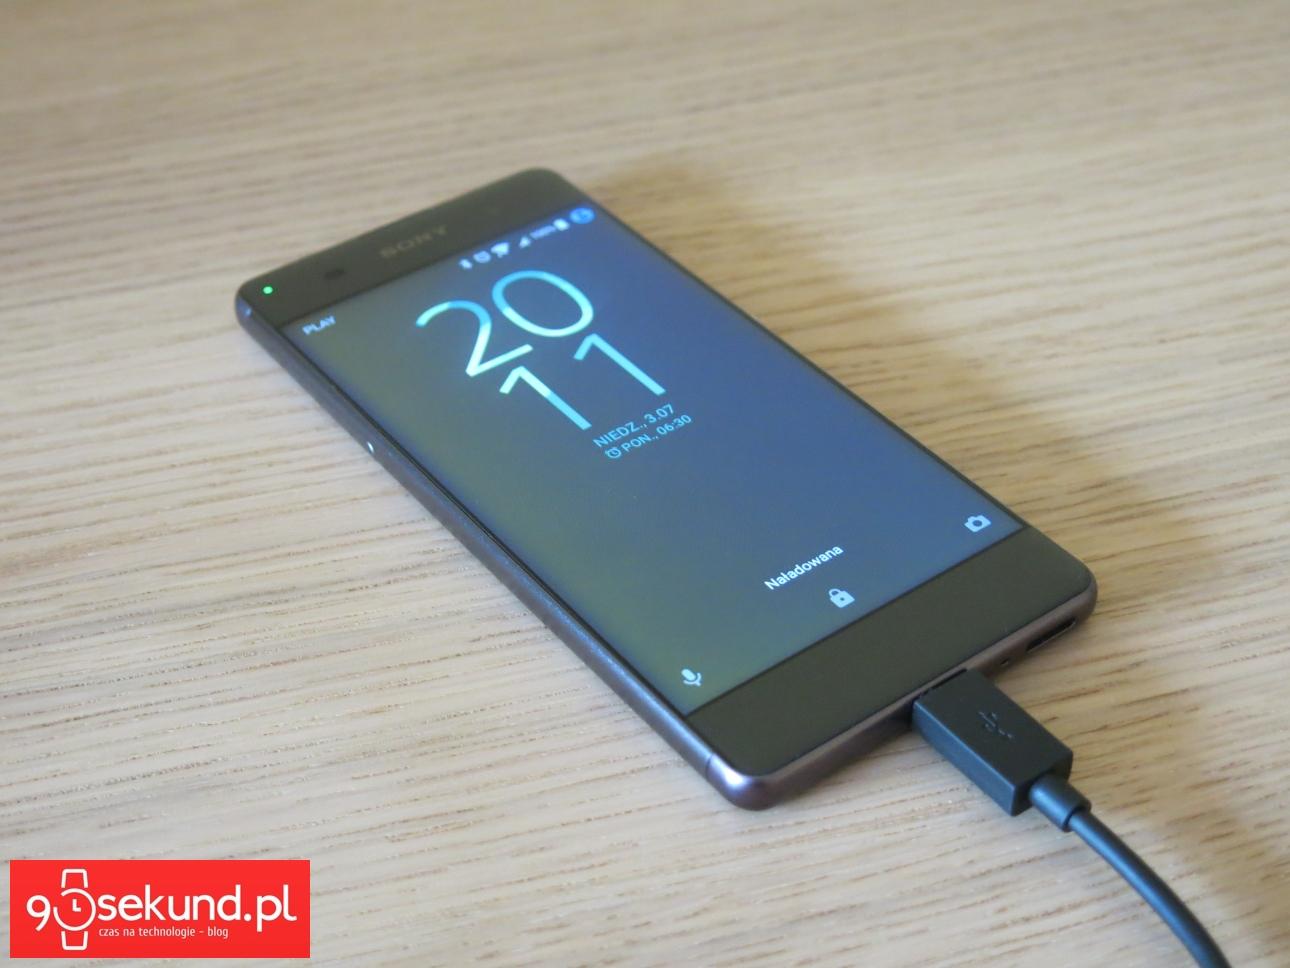 Sony Xperia XA - recenzja 90sekund.pl